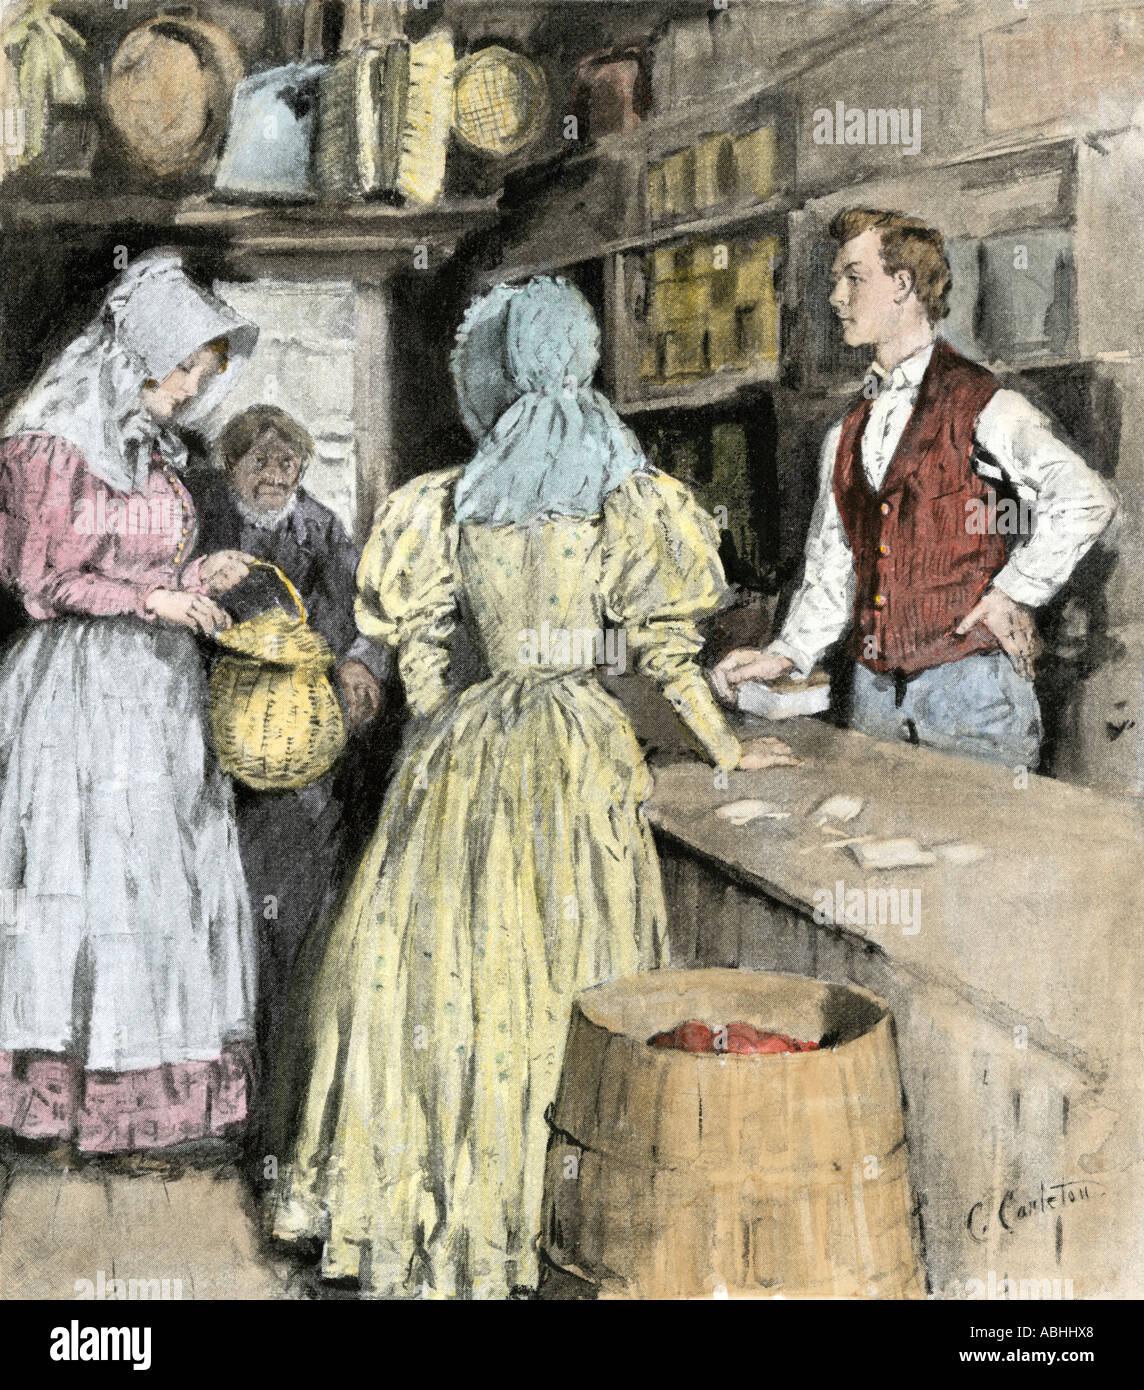 Boy un panier d'œufs de vendre à un magasin des années 1800. La main, d'une illustration de demi-teinte Banque D'Images